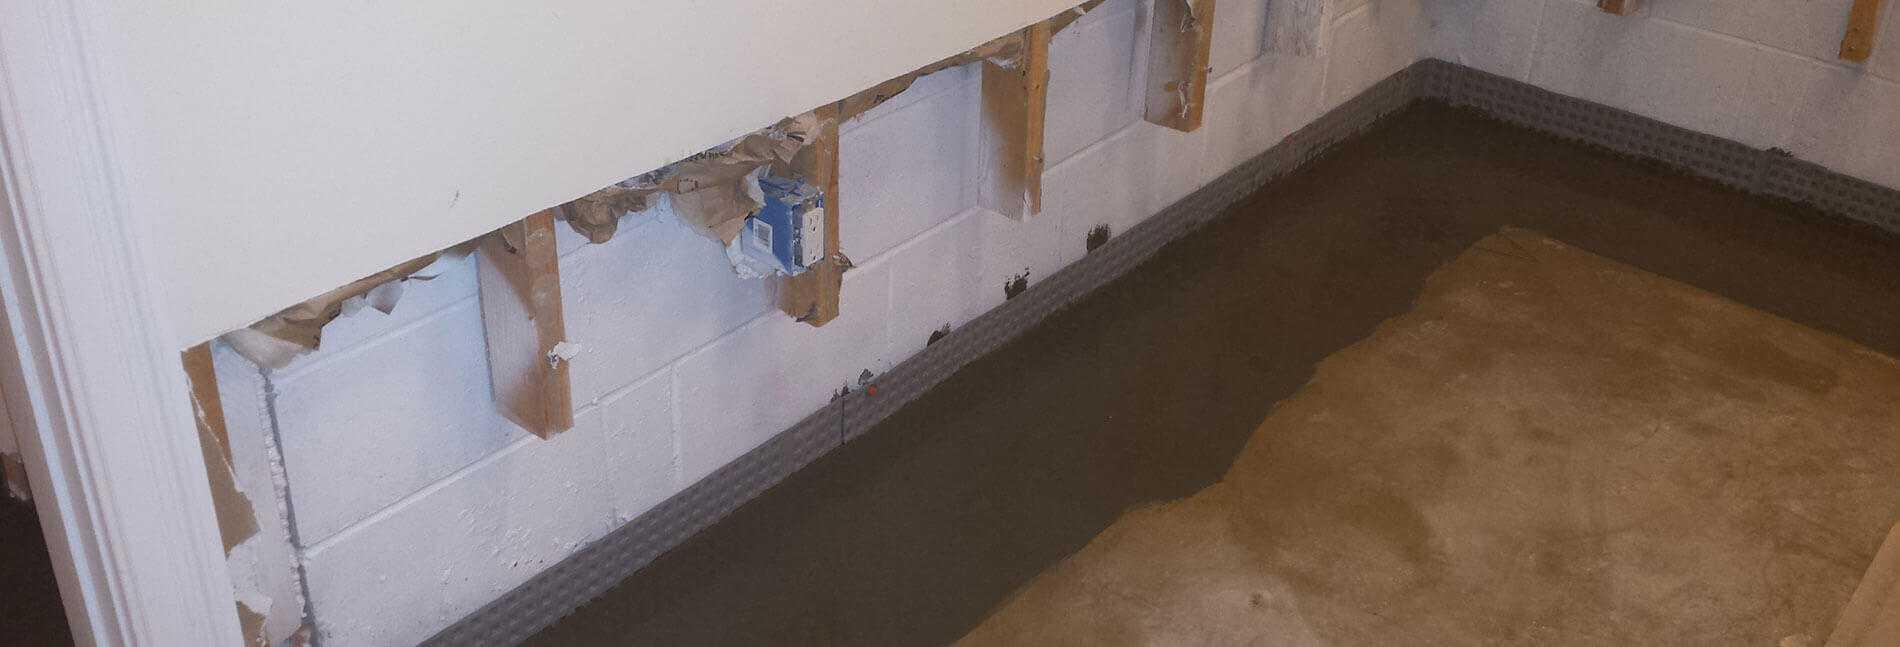 Eco-Dry Waterproofing